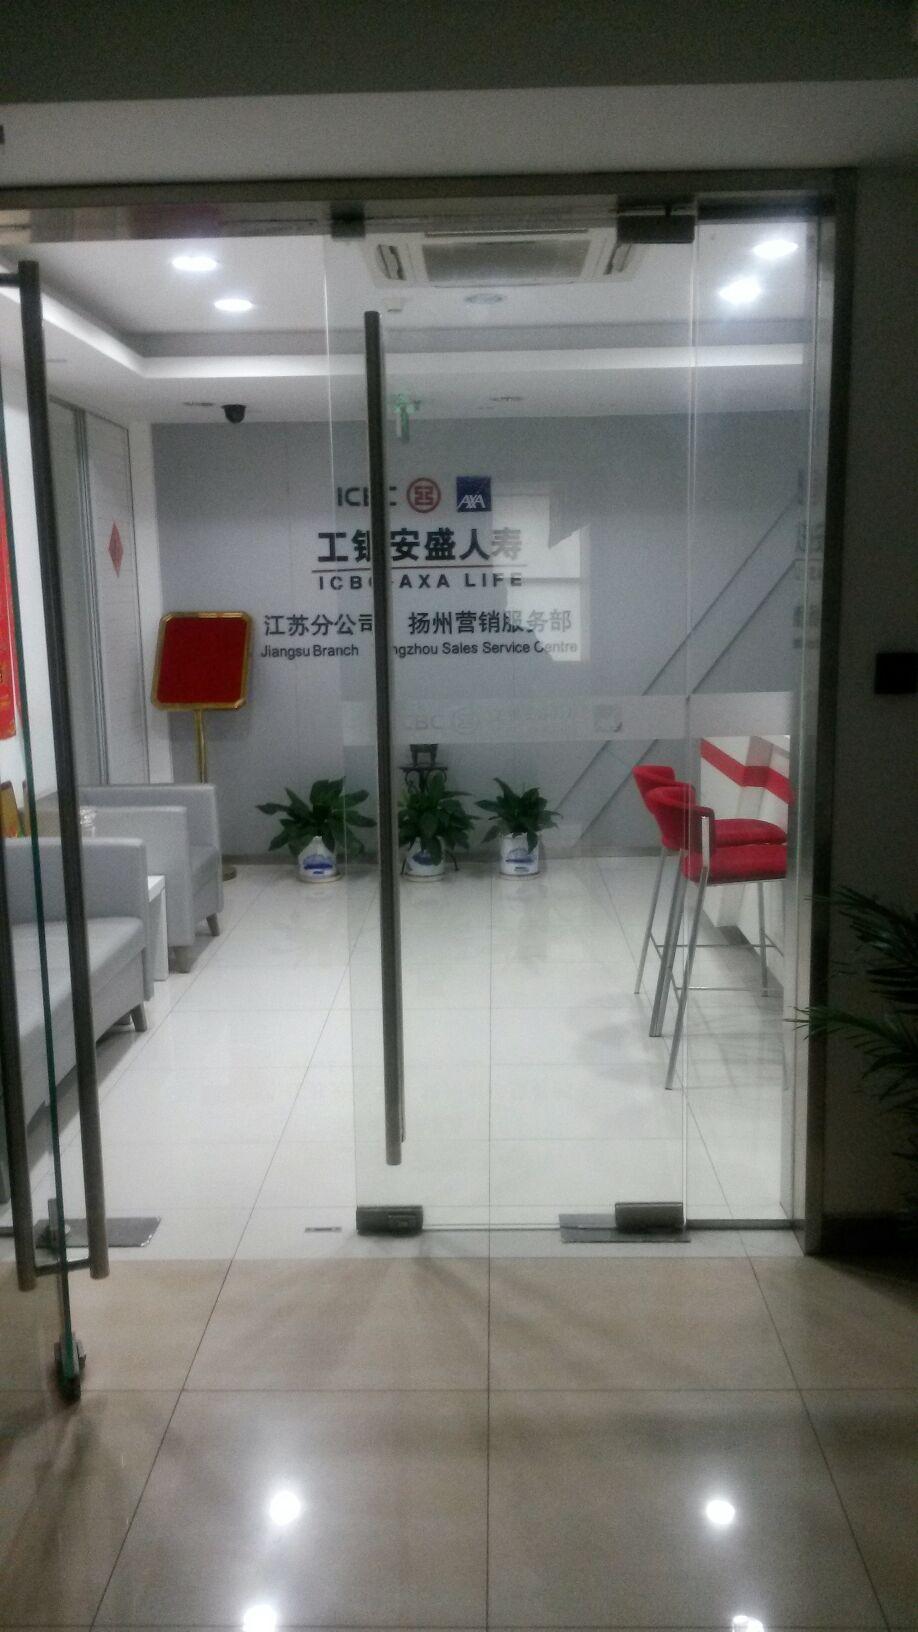 工银安盛人寿(扬州营销服务部)